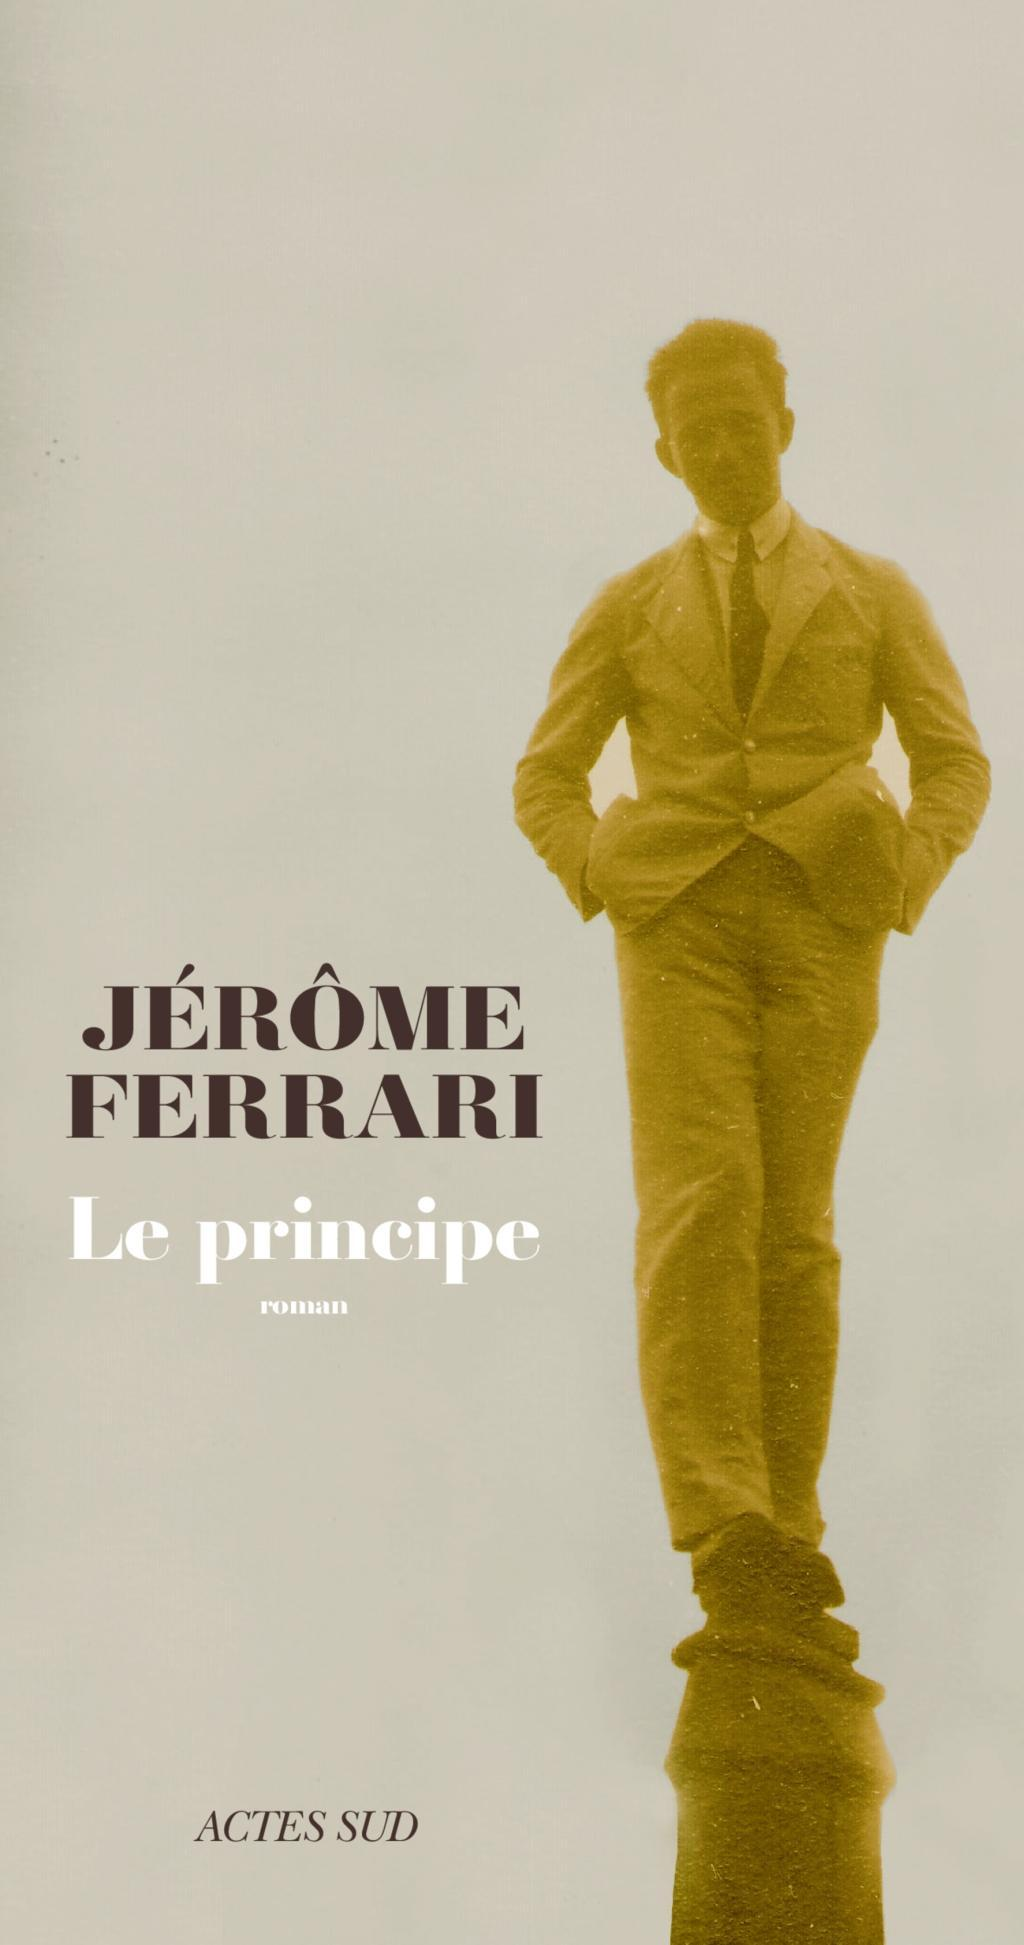 Le-principe-Jerome-Ferrari